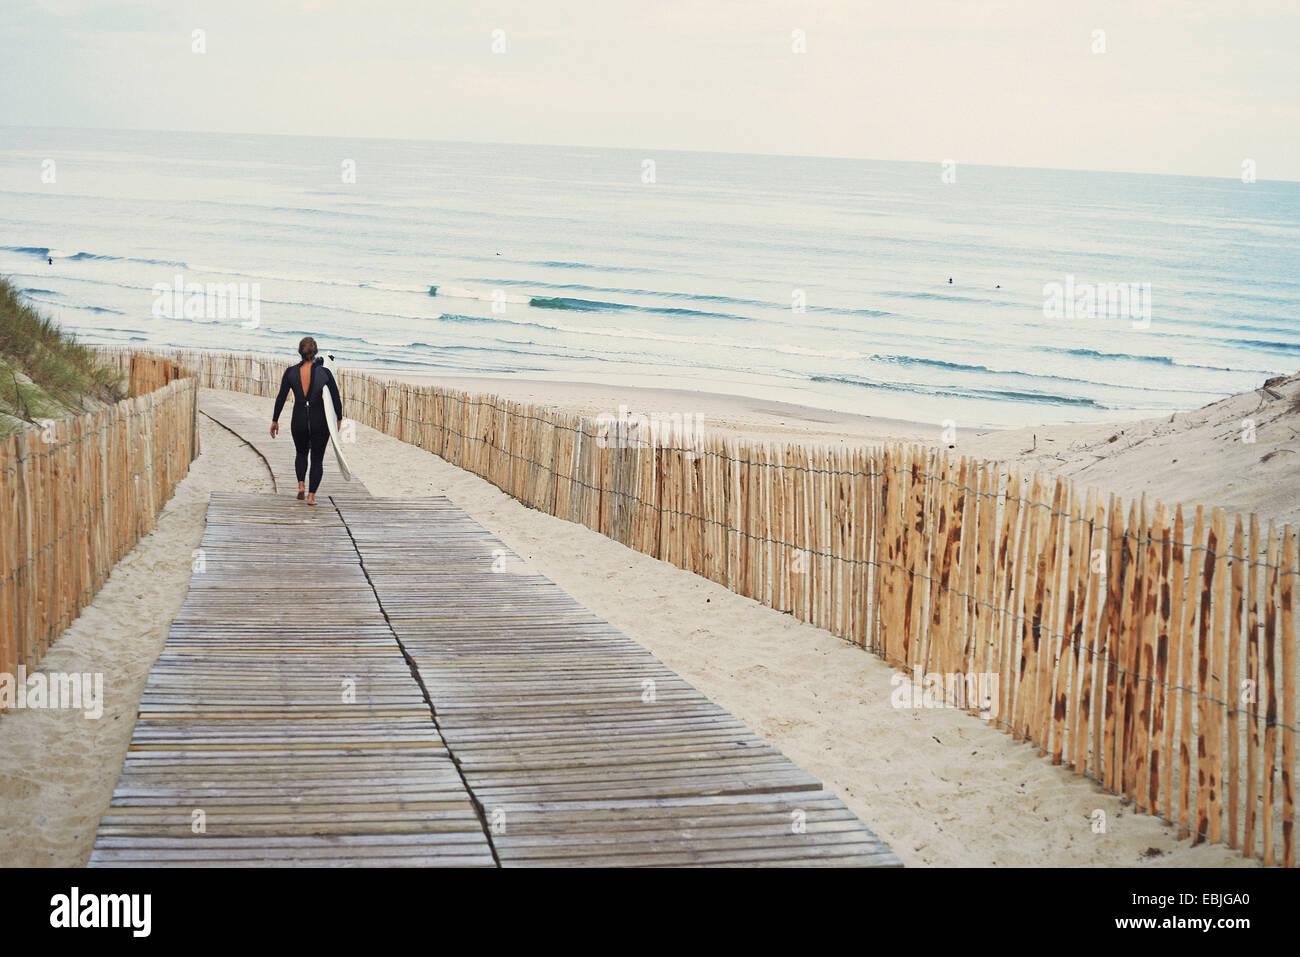 Surfer mit Surfbrett zu Fuß zum Strand, Lacanau, Frankreich Stockbild